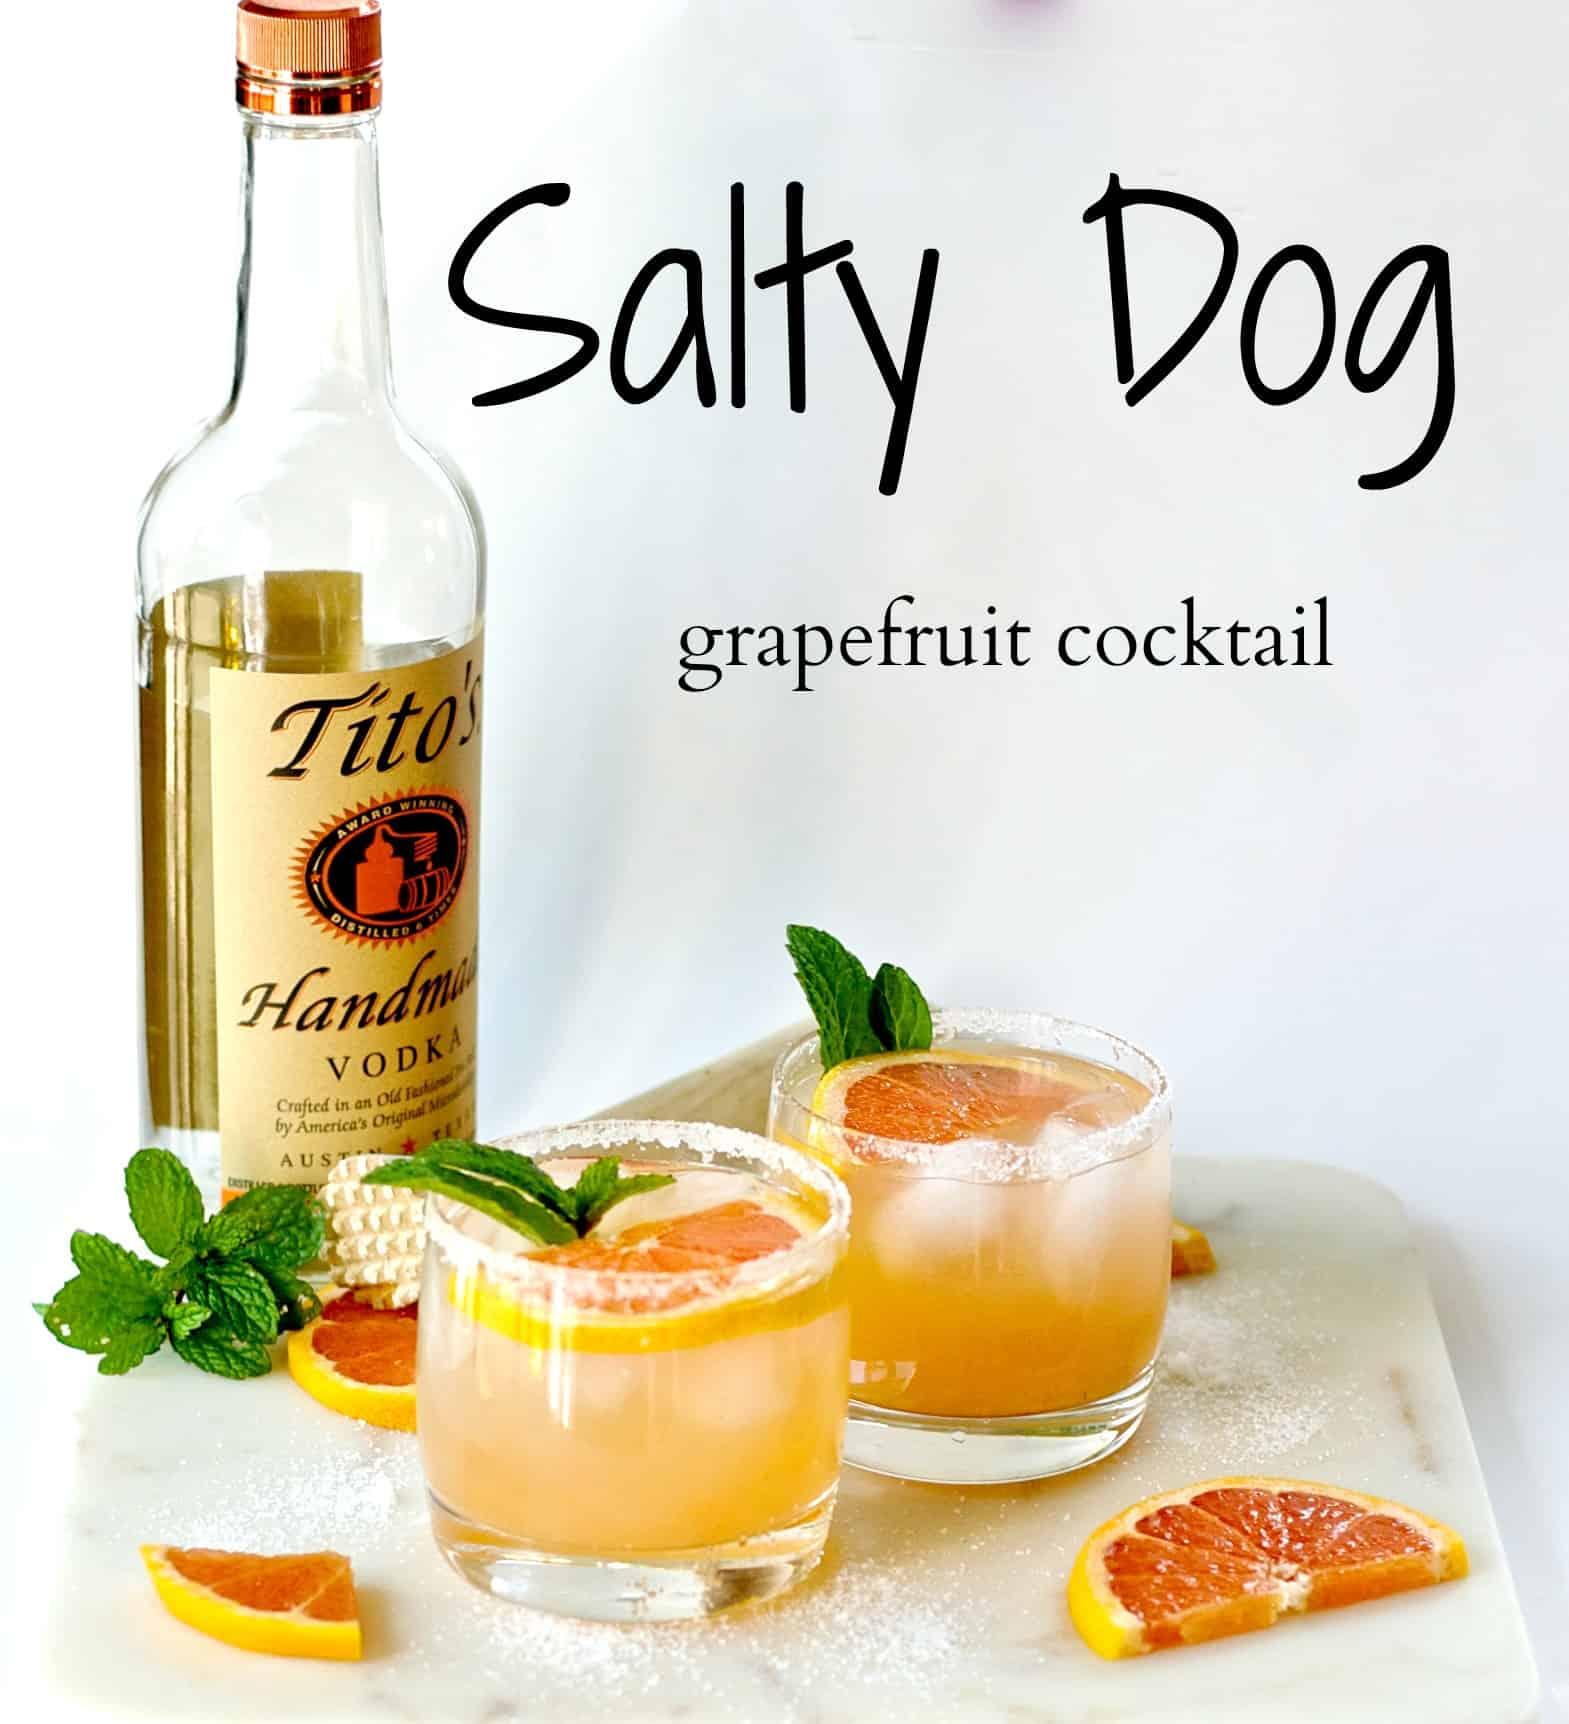 Salty Dog - Grapefruit Cocktail Recipe